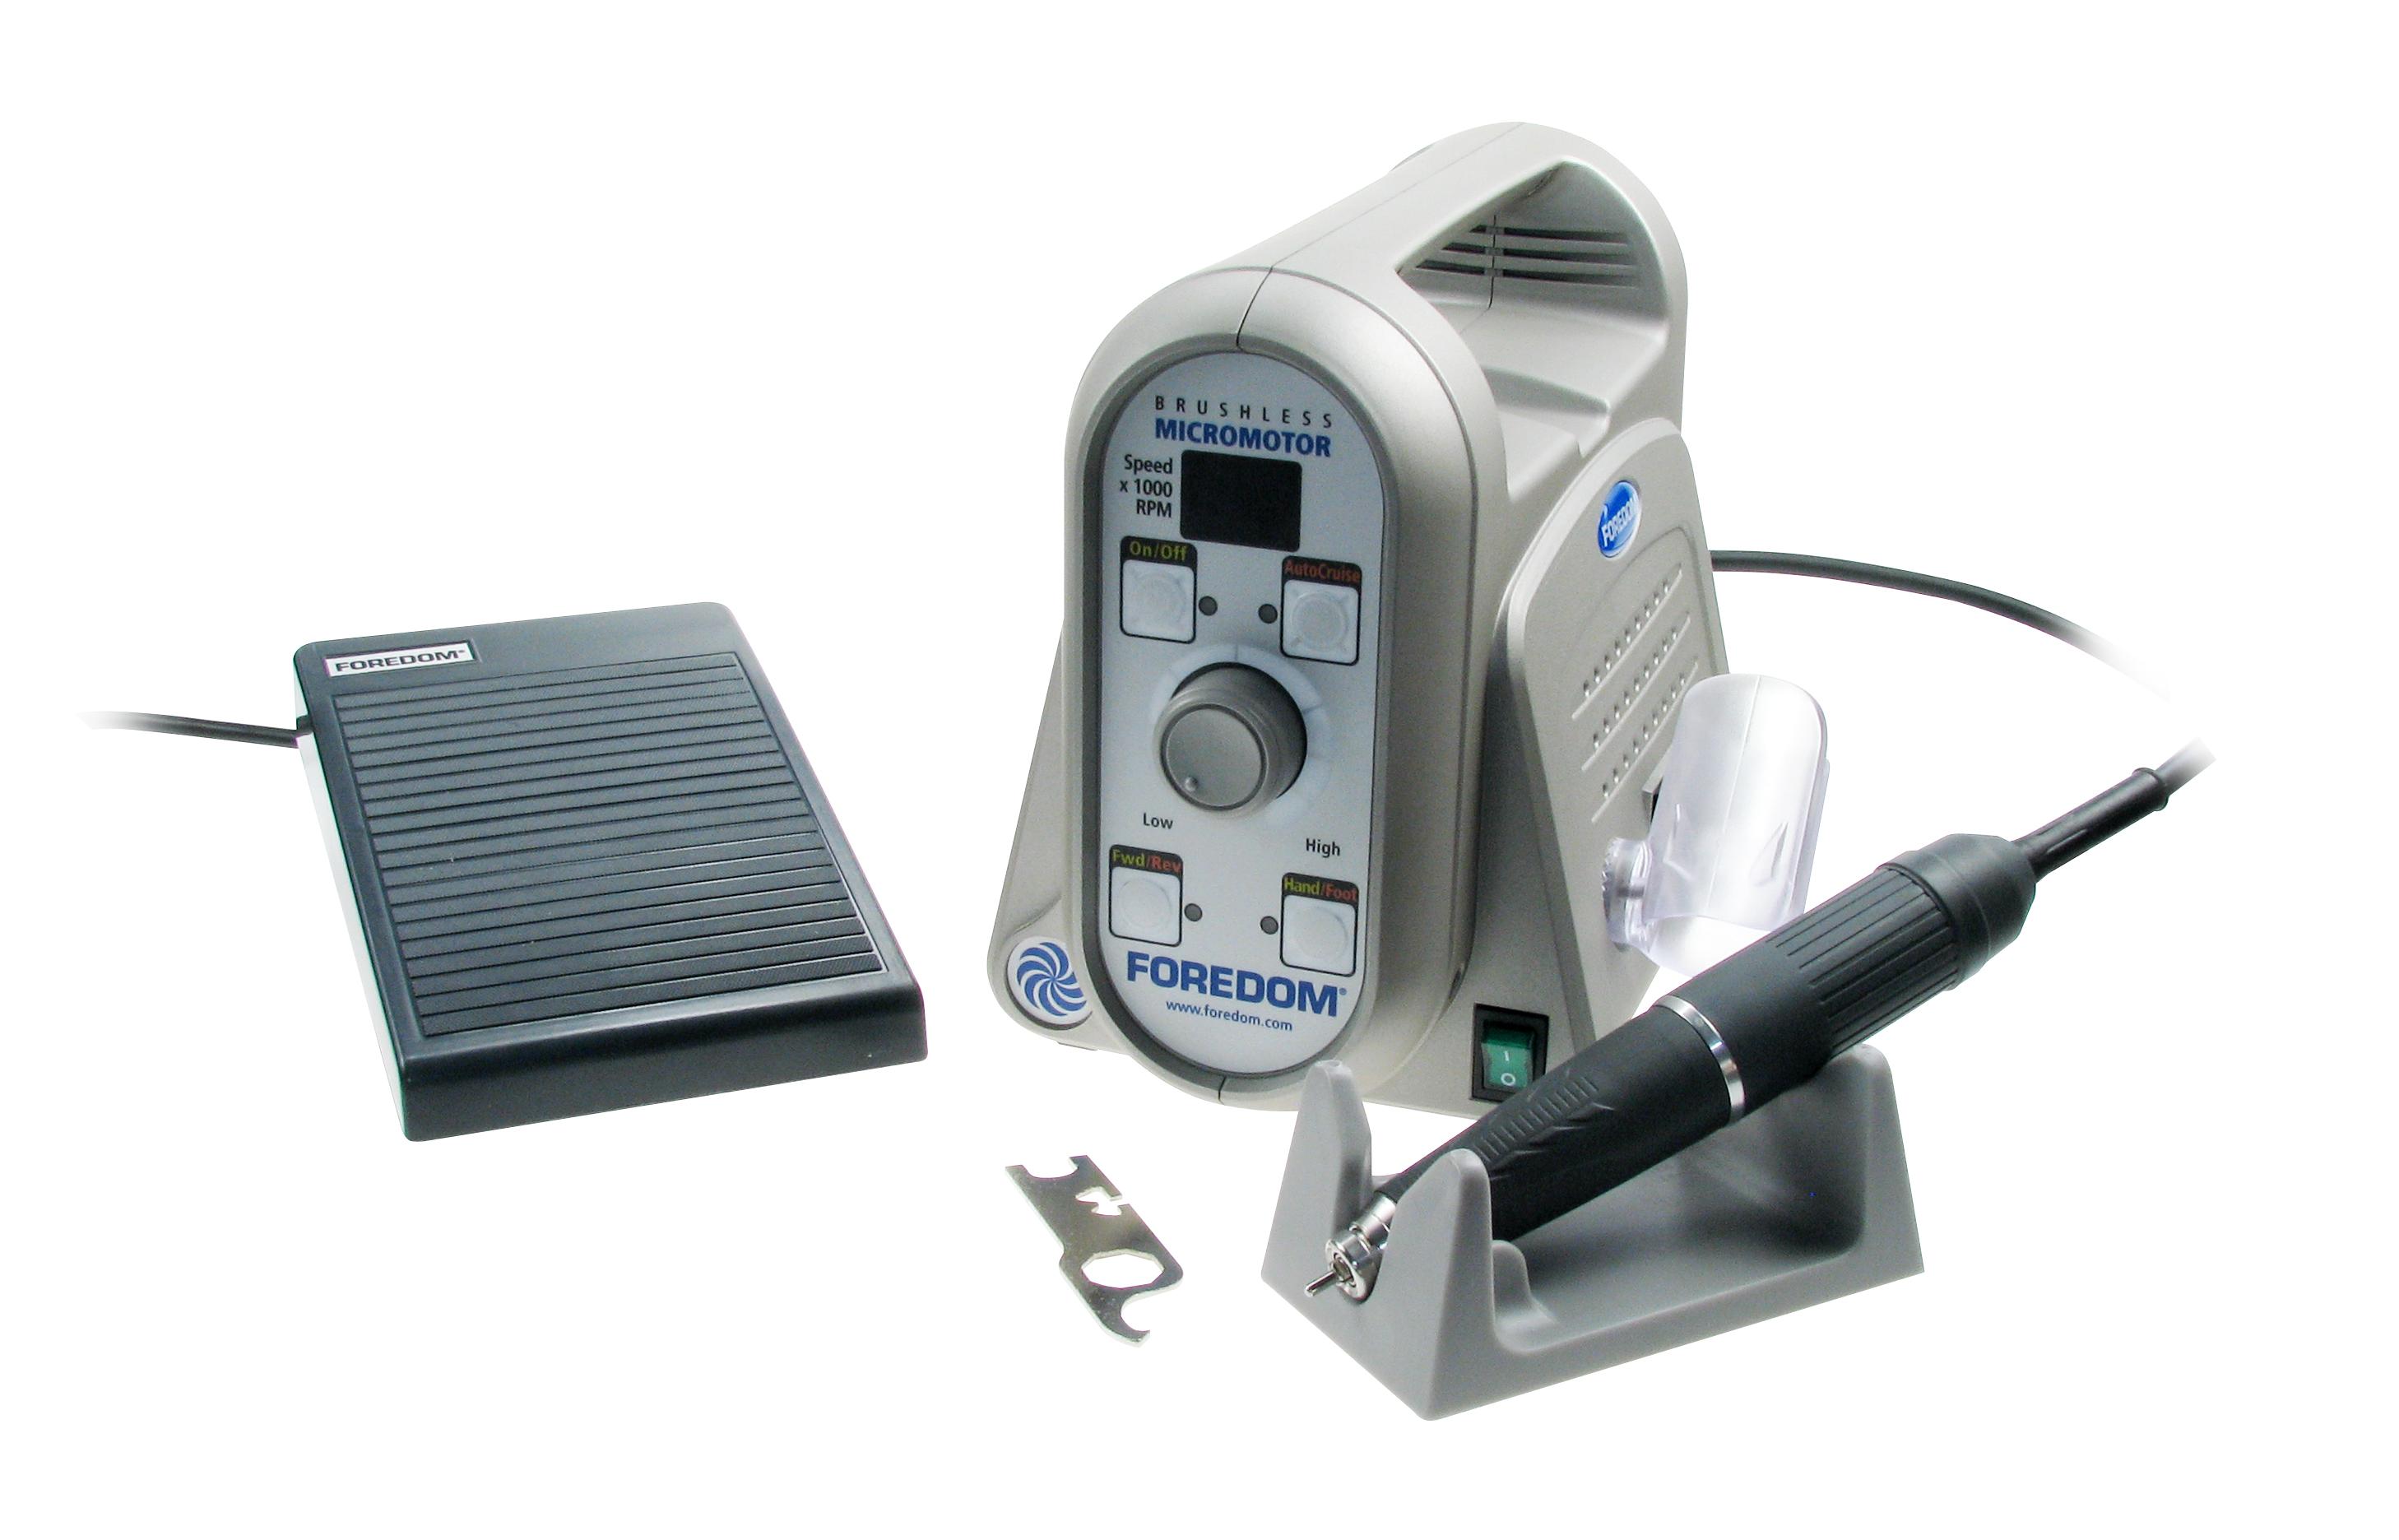 Mikromotor K1050 mit Handstück Foredom